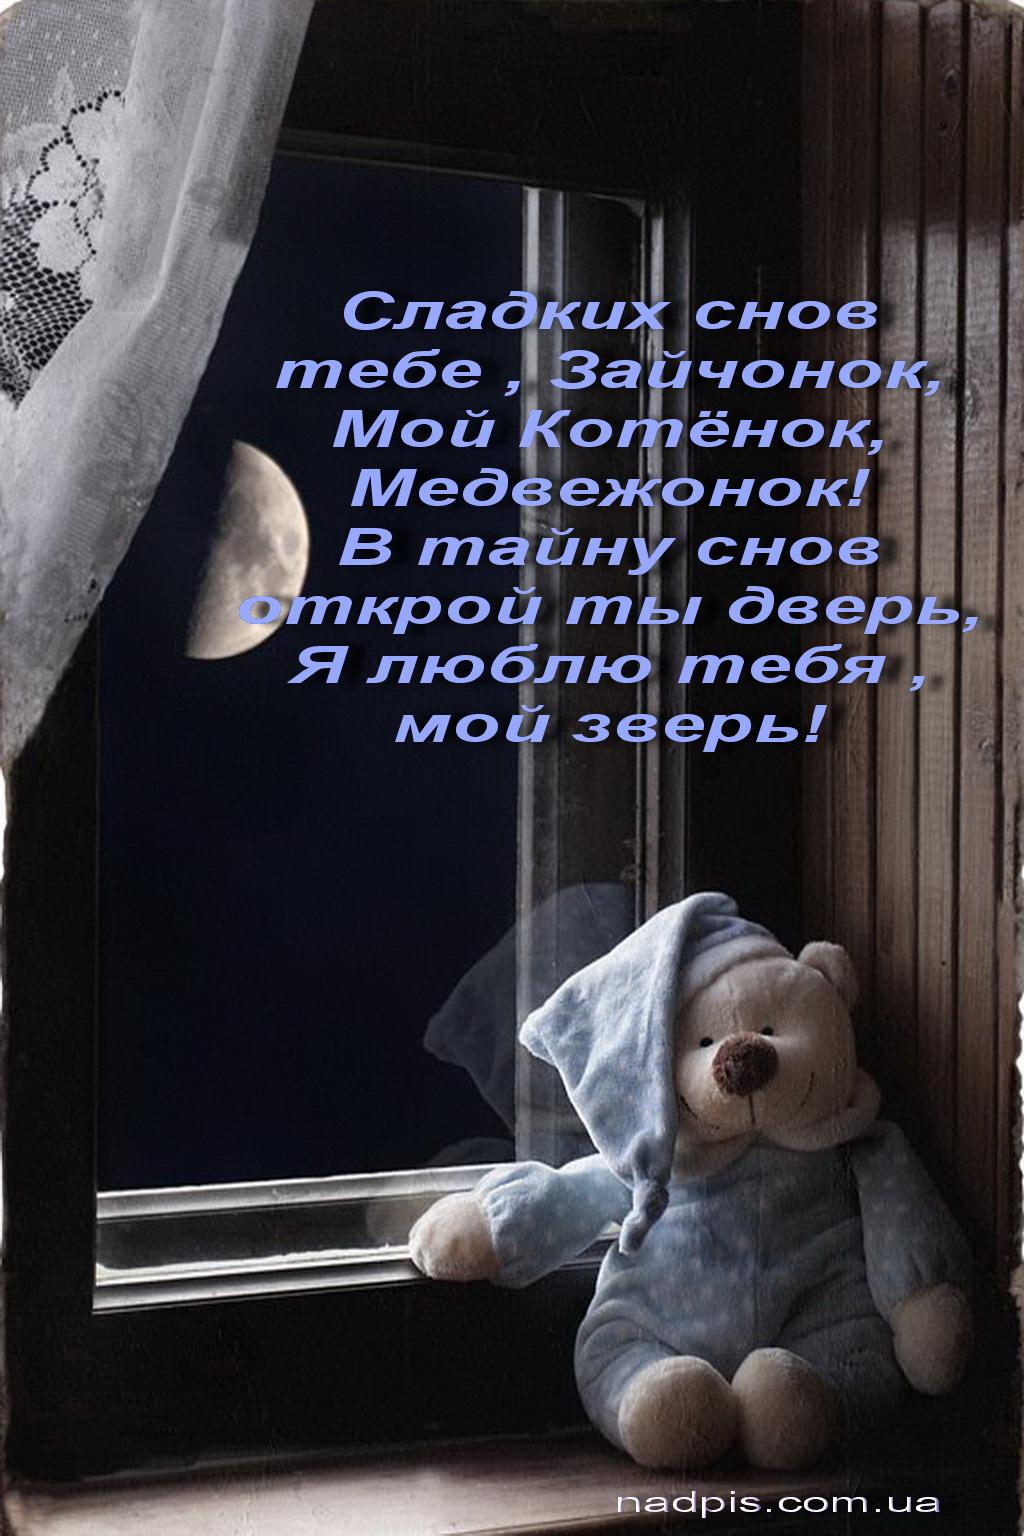 Смс поздравление good night спокойной